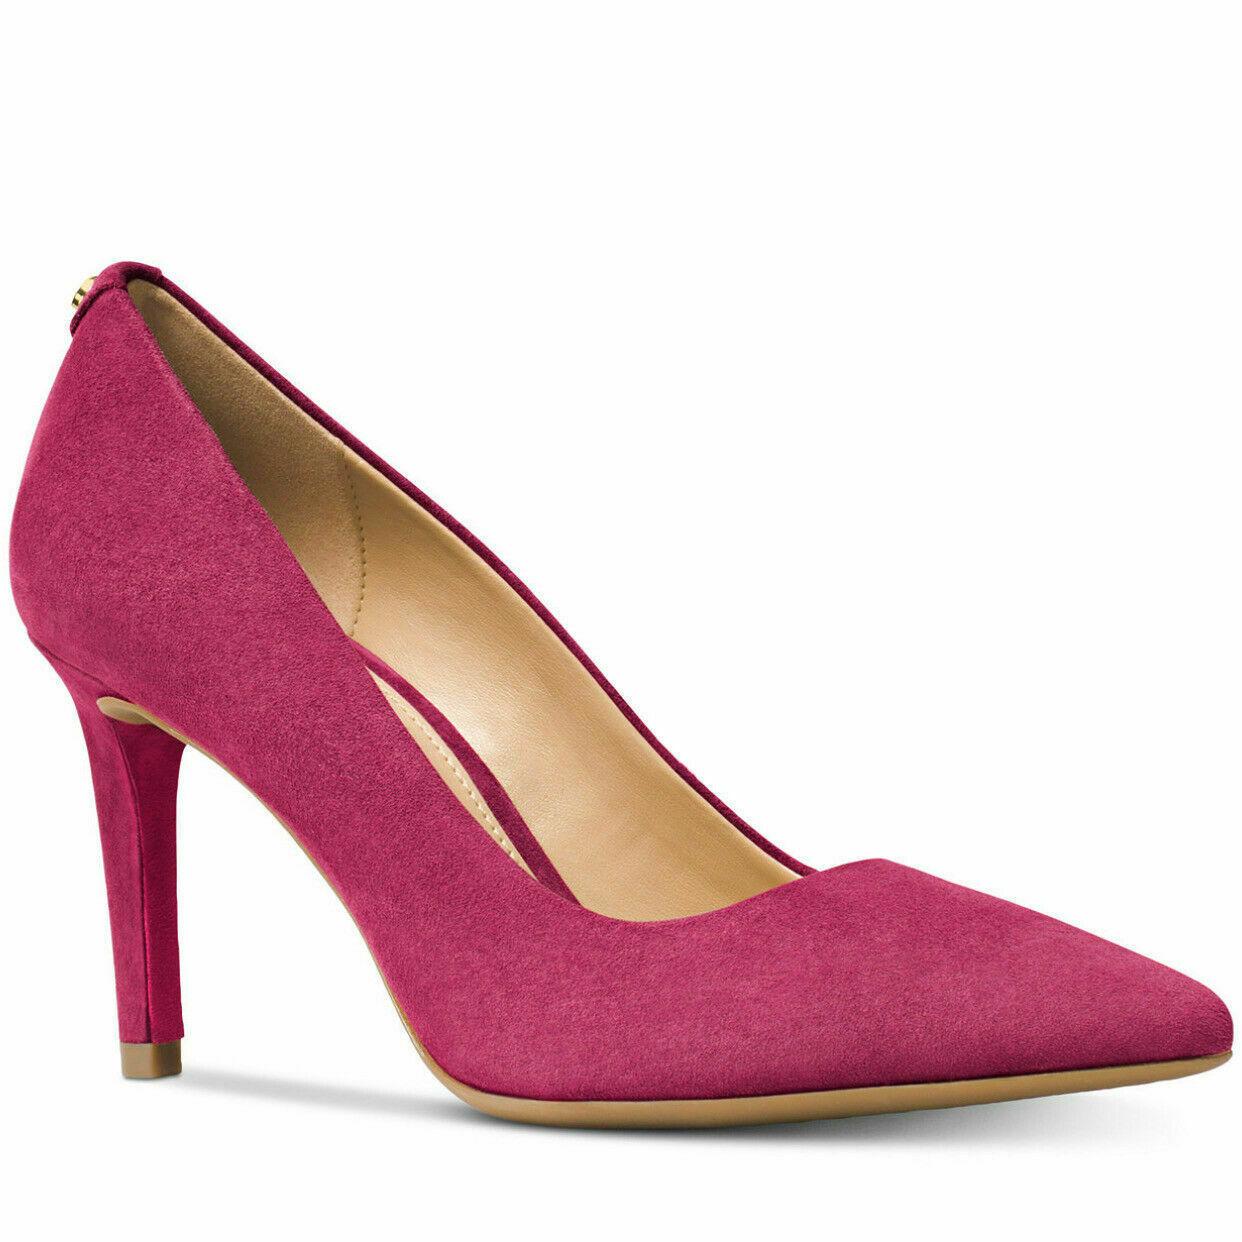 Michael Kors Dorothy Lacquer Pink Flex Pump Shoes Size 8